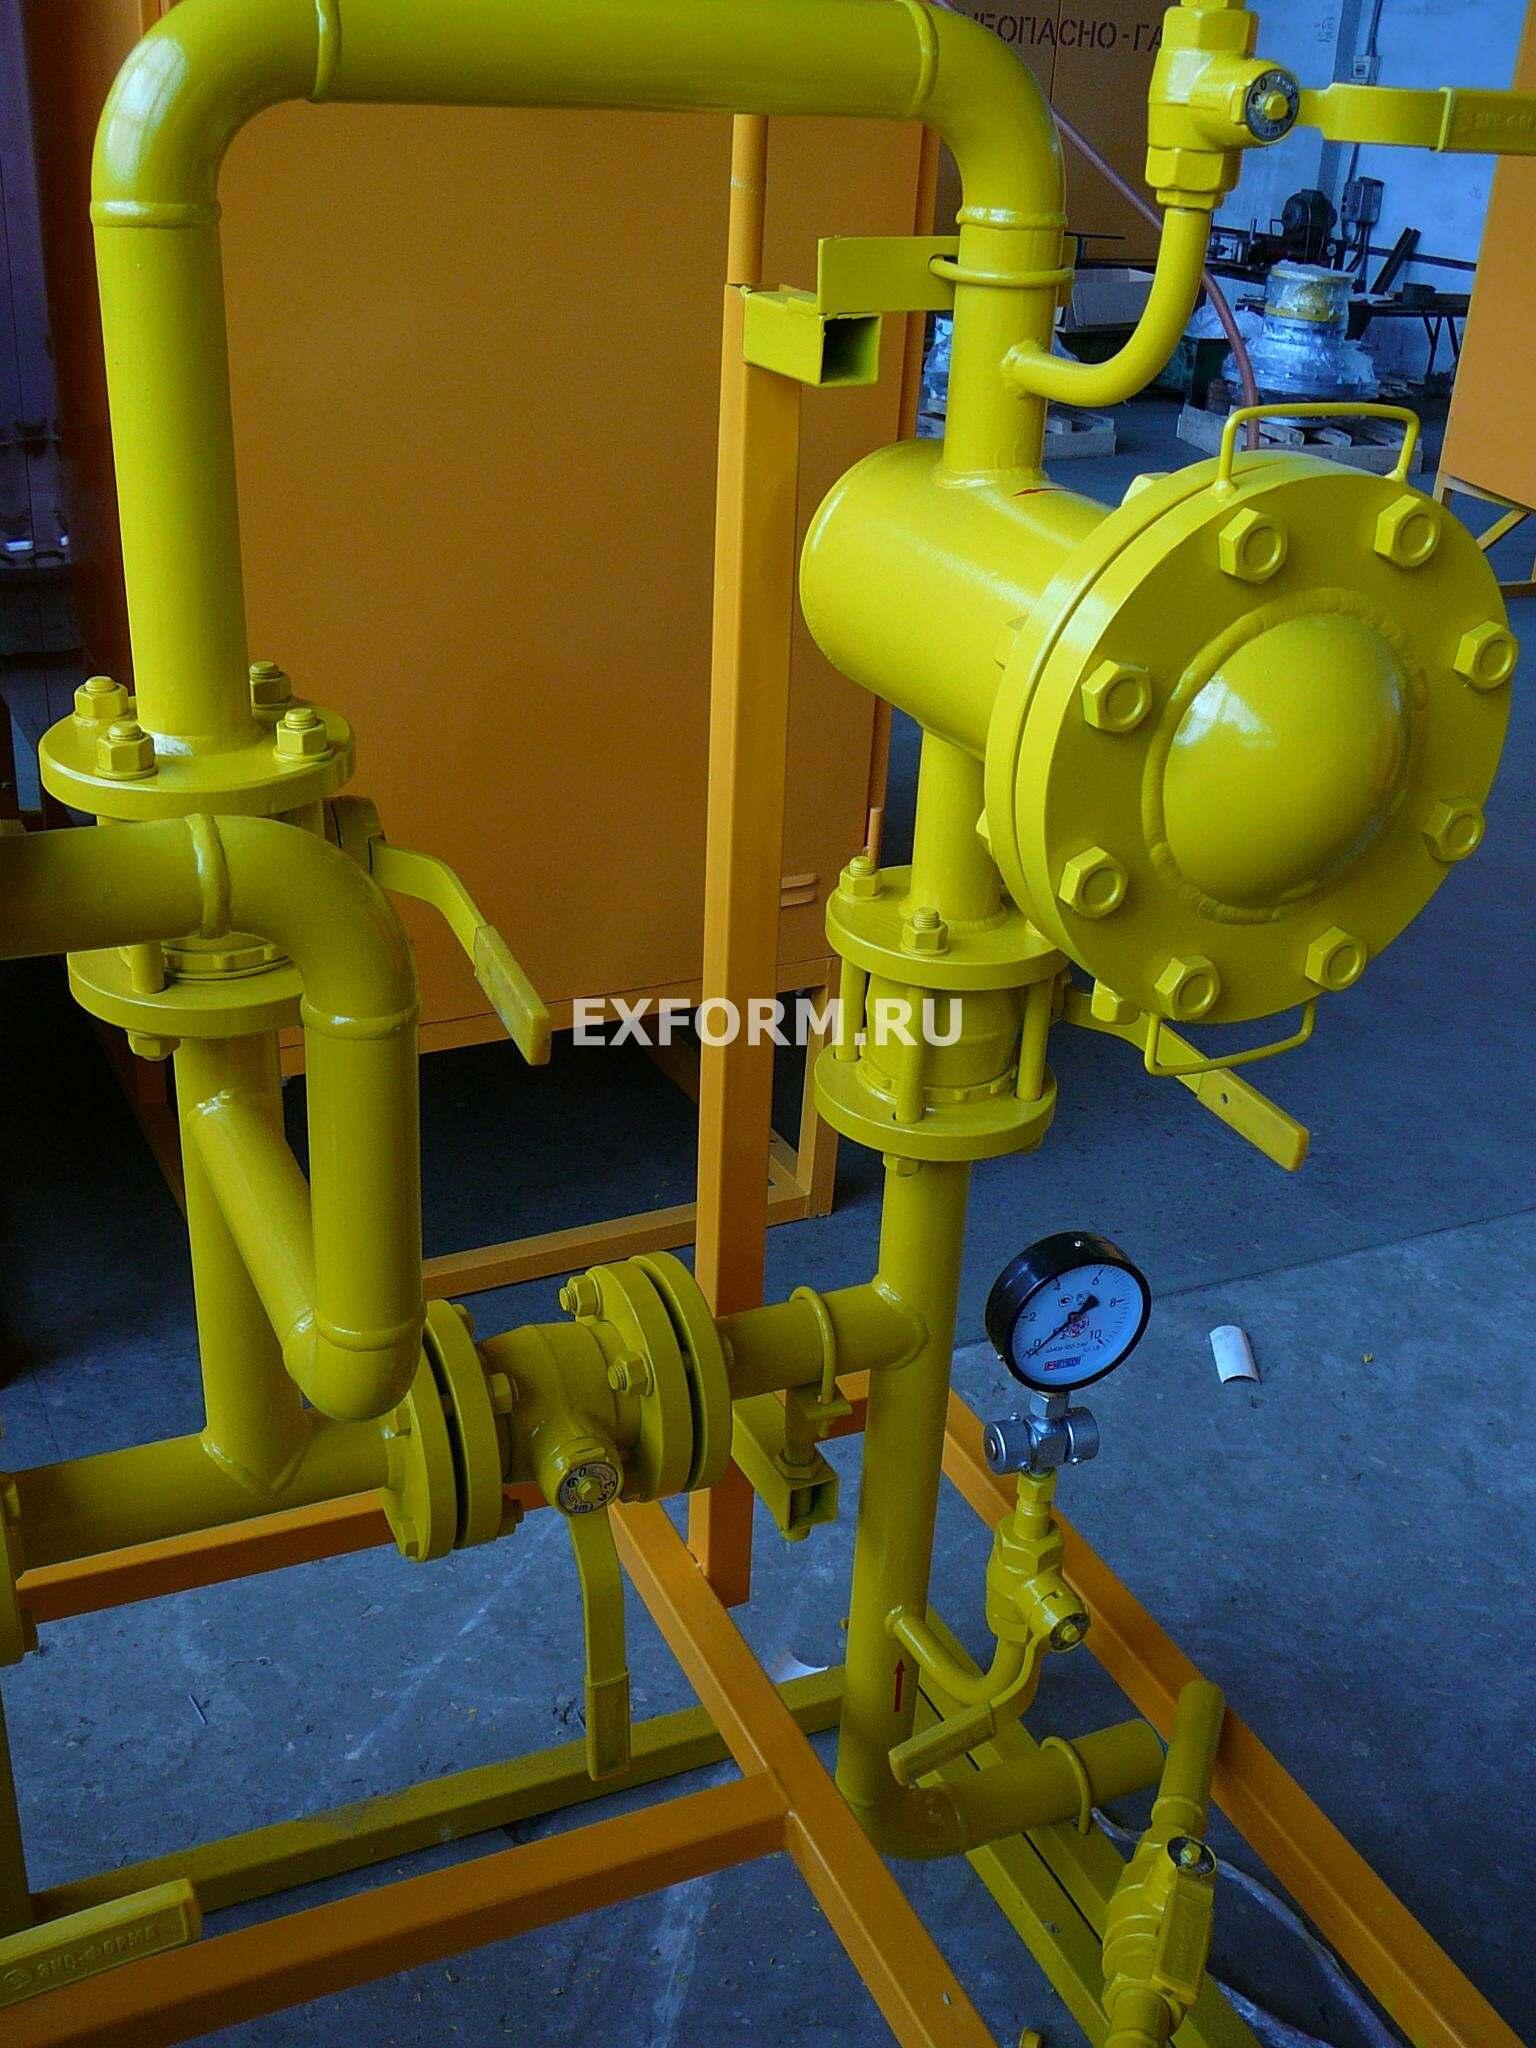 ГРУ-50Н-ЭК, ГРУ-50В-ЭК - цена газорегуляторной установки с РДП-50